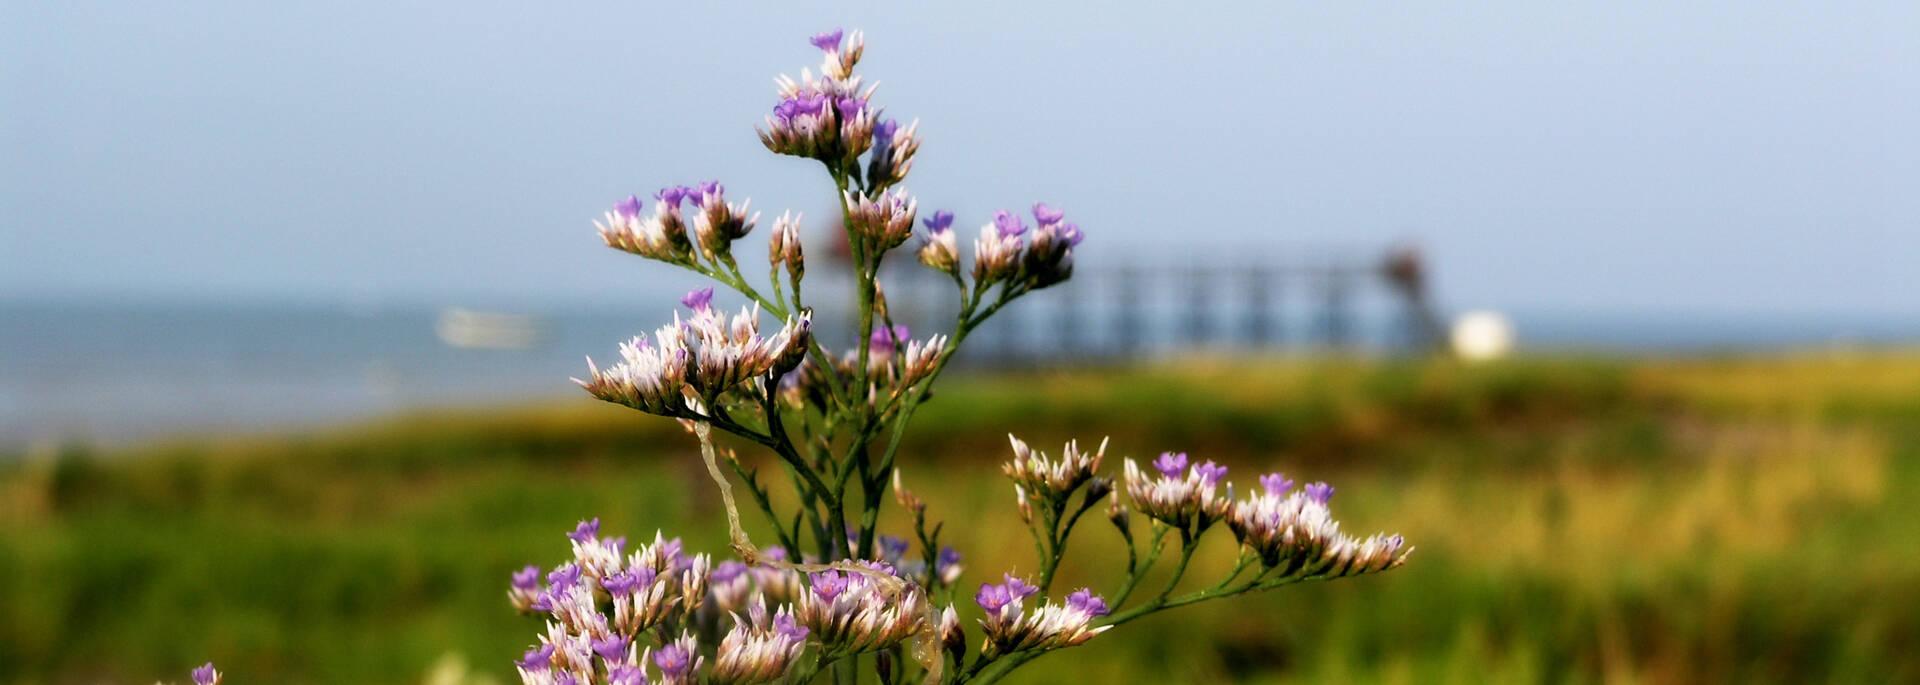 La flore de l'estuaire de la Charente - © Office de tourisme Rochefort Océan